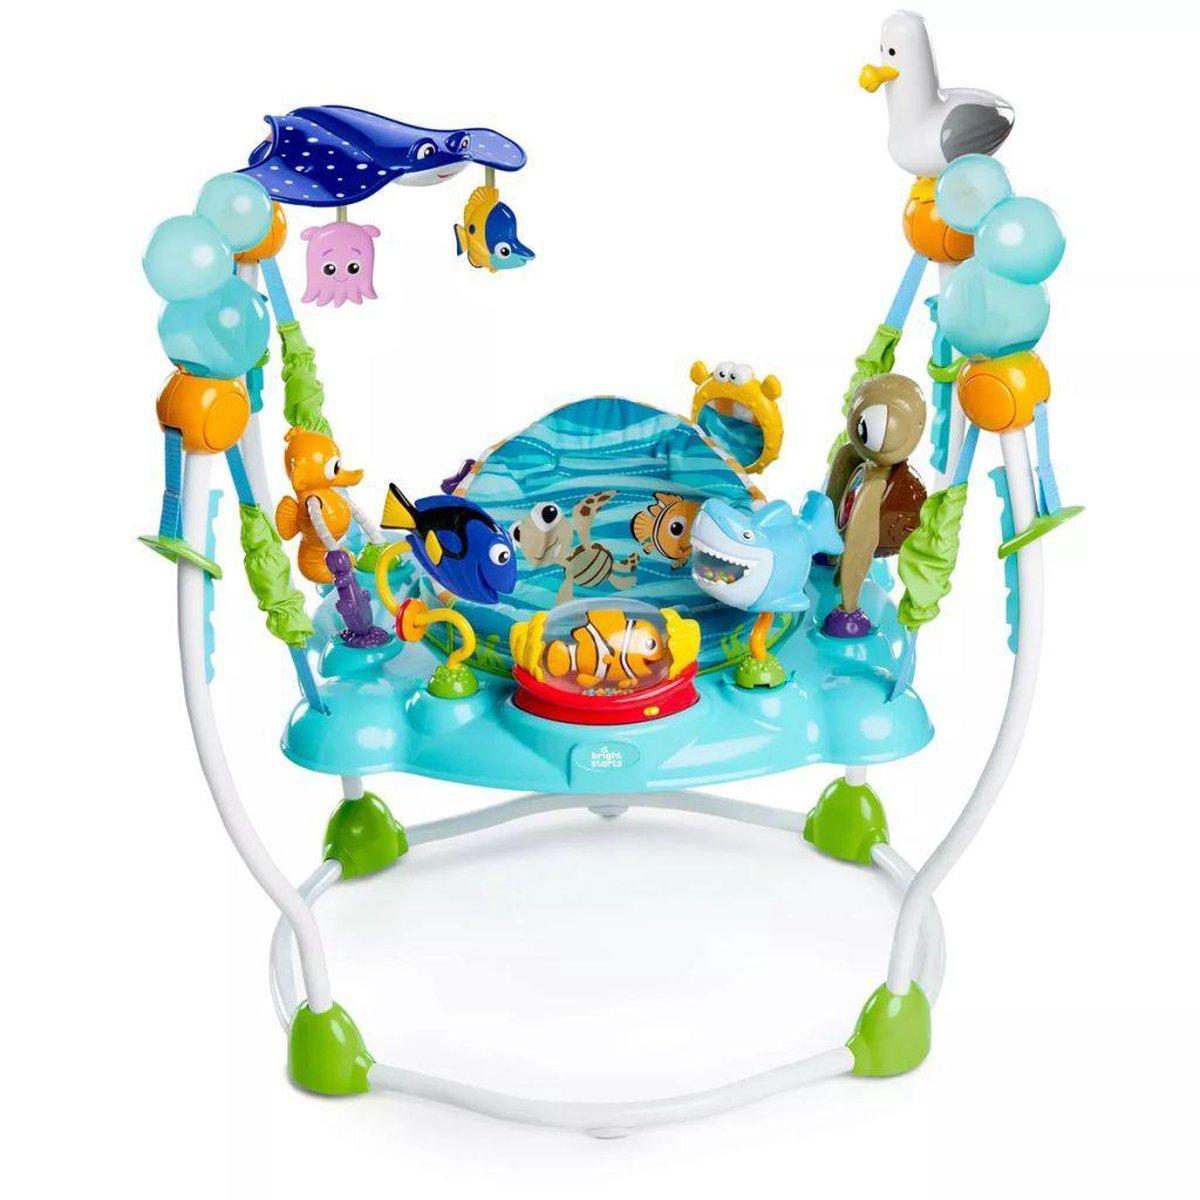 Disney Baby Sea of Activities Jumper Wipstoel - Finding Nemo blauw